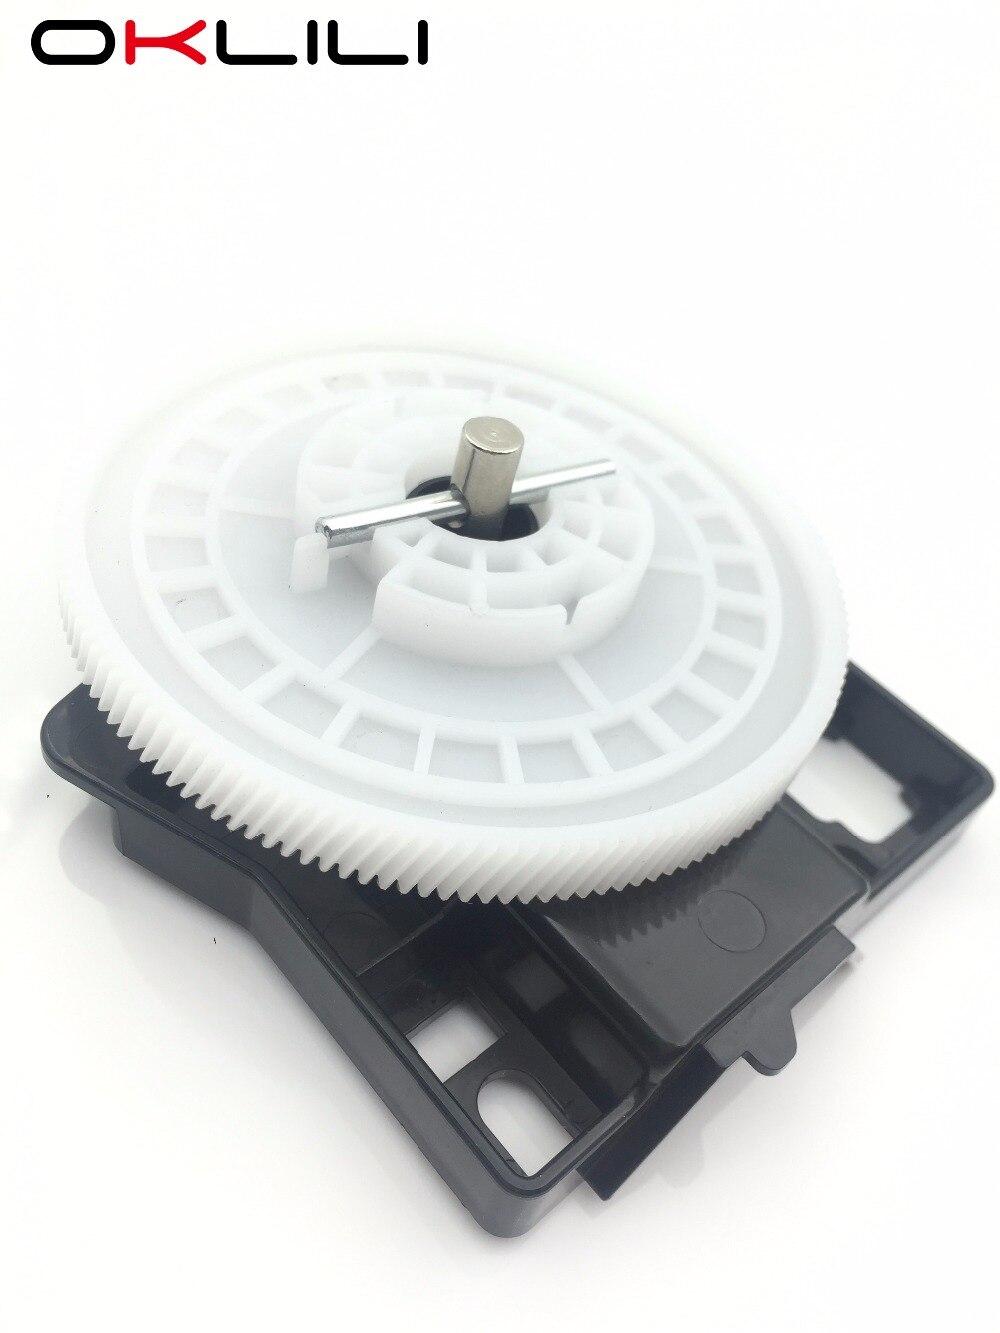 1 Stück Rc3-2497 Rc3-2497-000 Toner Drive Assy Abdeckung Getriebe UnterstÜtzung Rahmen Patrone Antriebsrad Assy Für Hp Pro 400 M401 M425 M475 M451